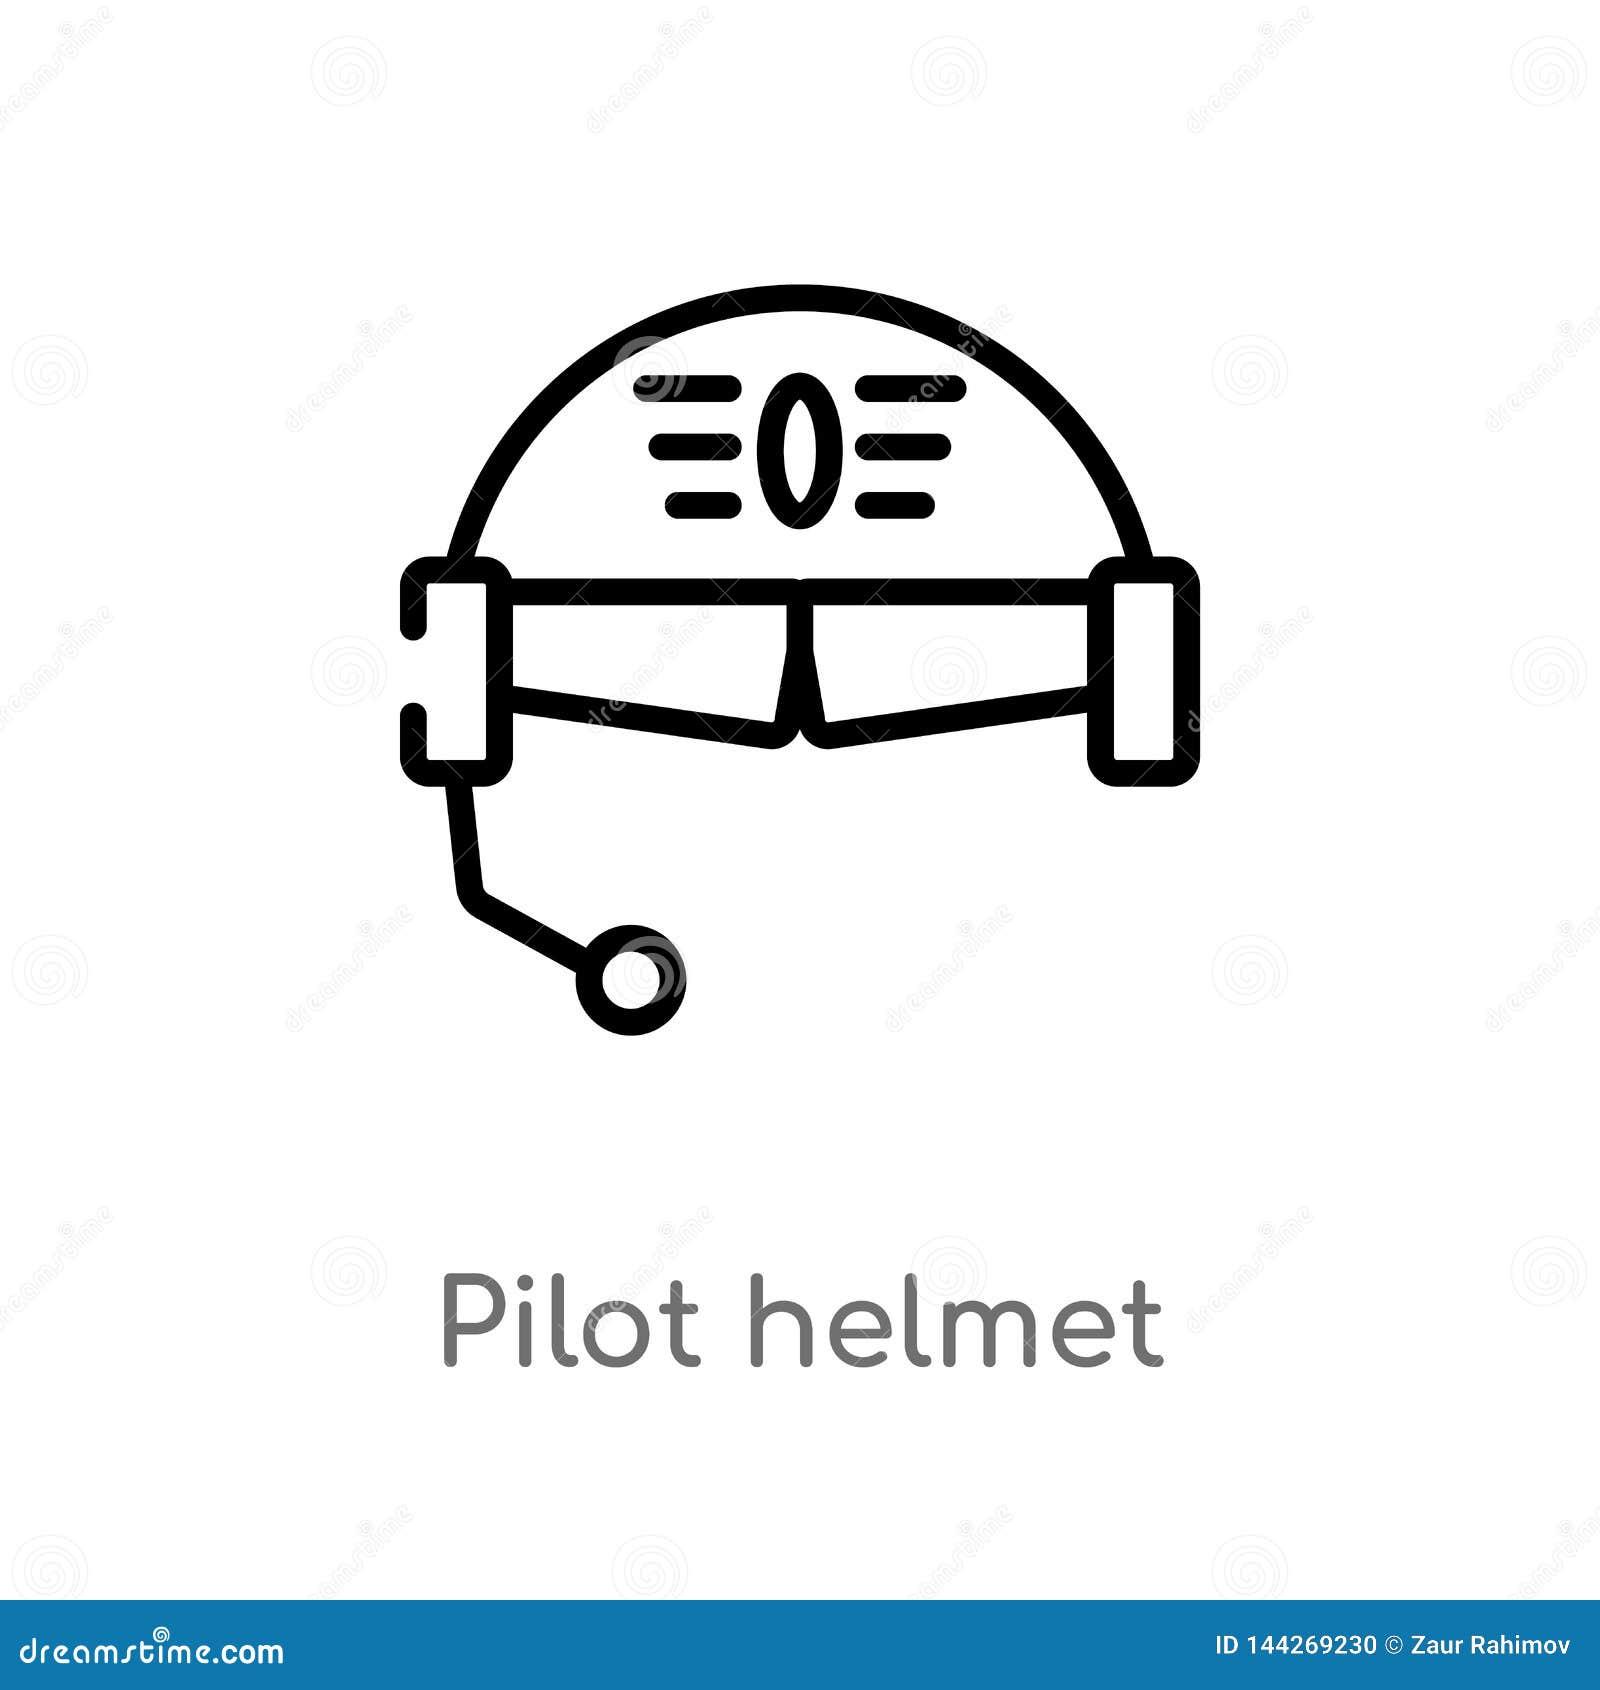 Vectorpictogram van de overzichts het proefhelm de geïsoleerde zwarte eenvoudige illustratie van het lijnelement van luchthaven e